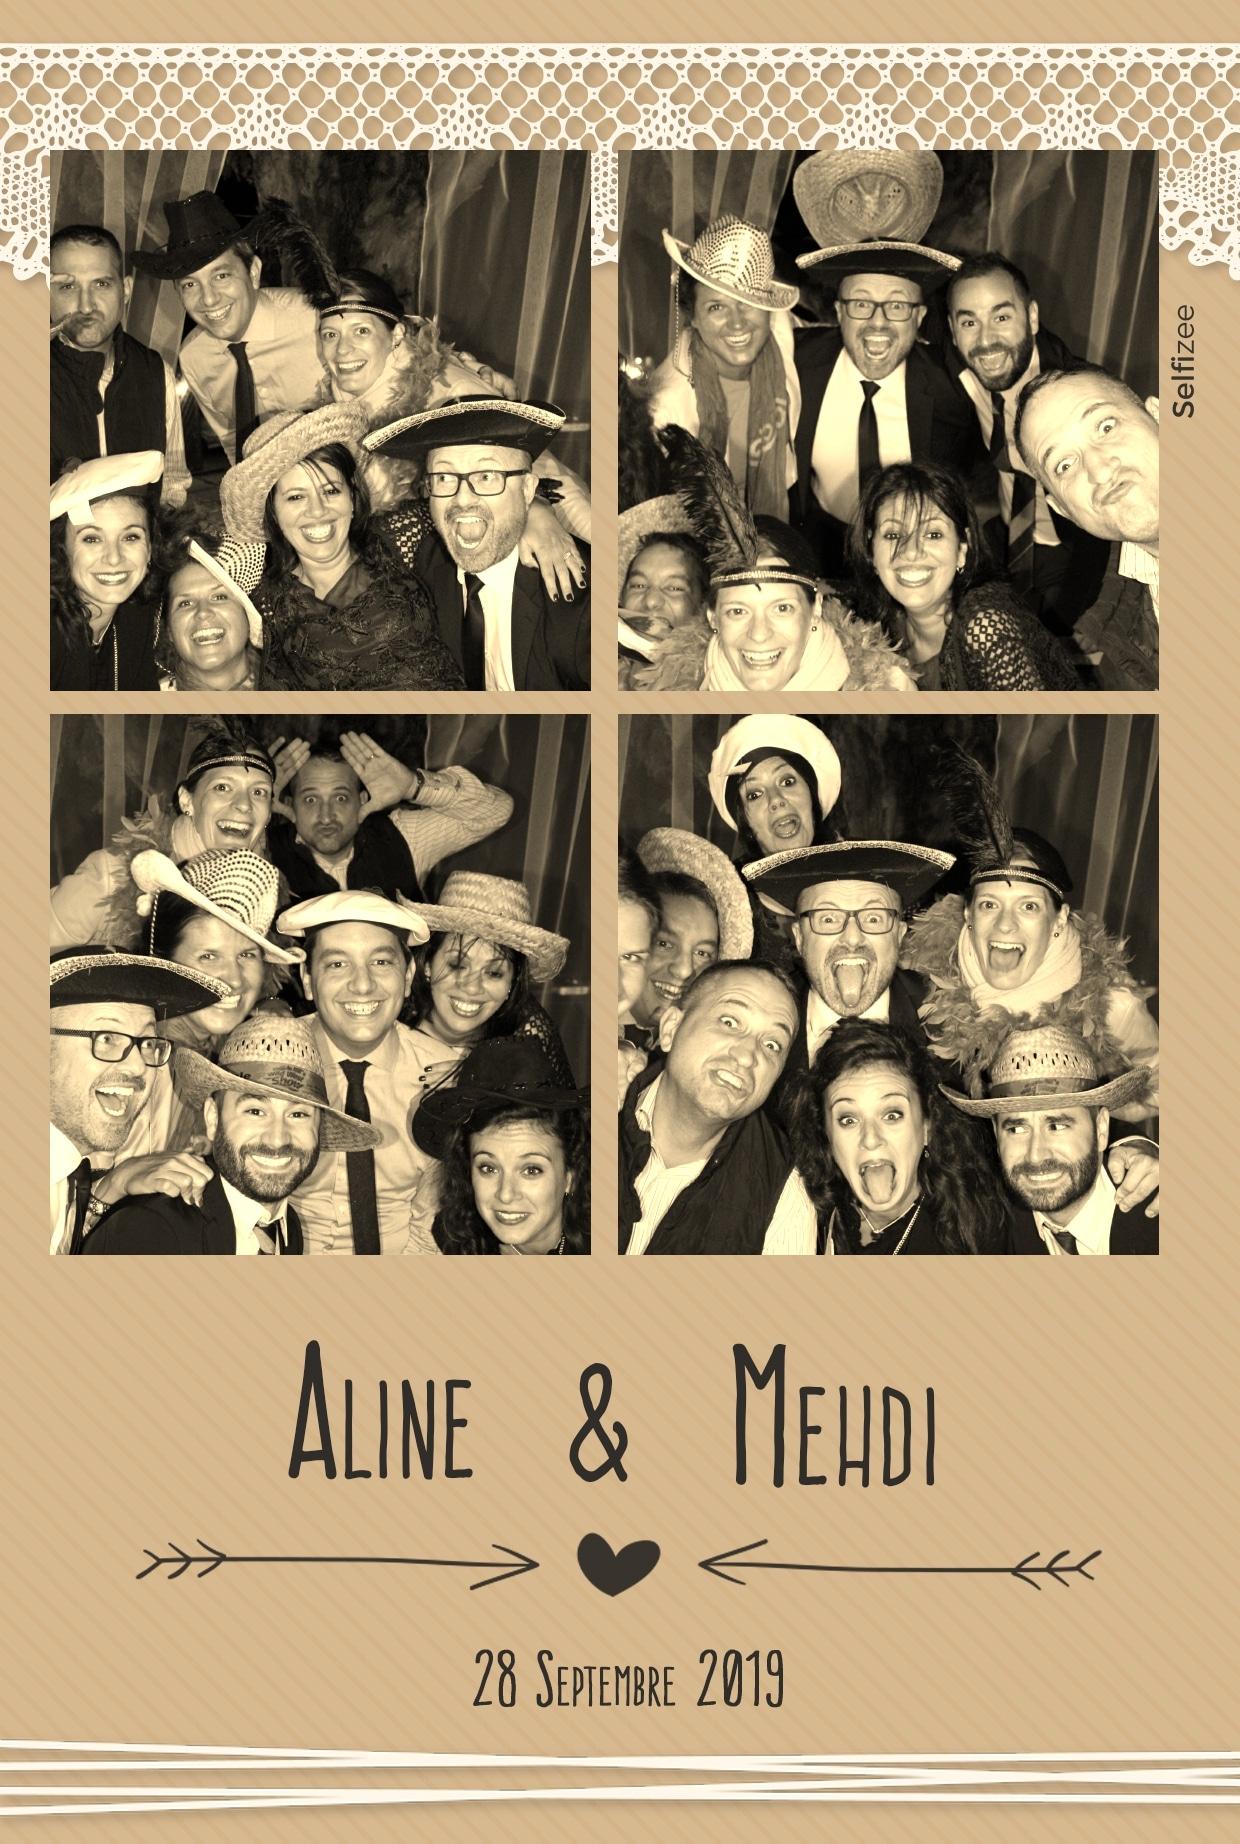 Animation photobooth mariage Limoges avec photos personnalisées - location borne selfie connectée Limoges et Haute Vienne pour mariage, anniversaire, soirée, fête, baptême